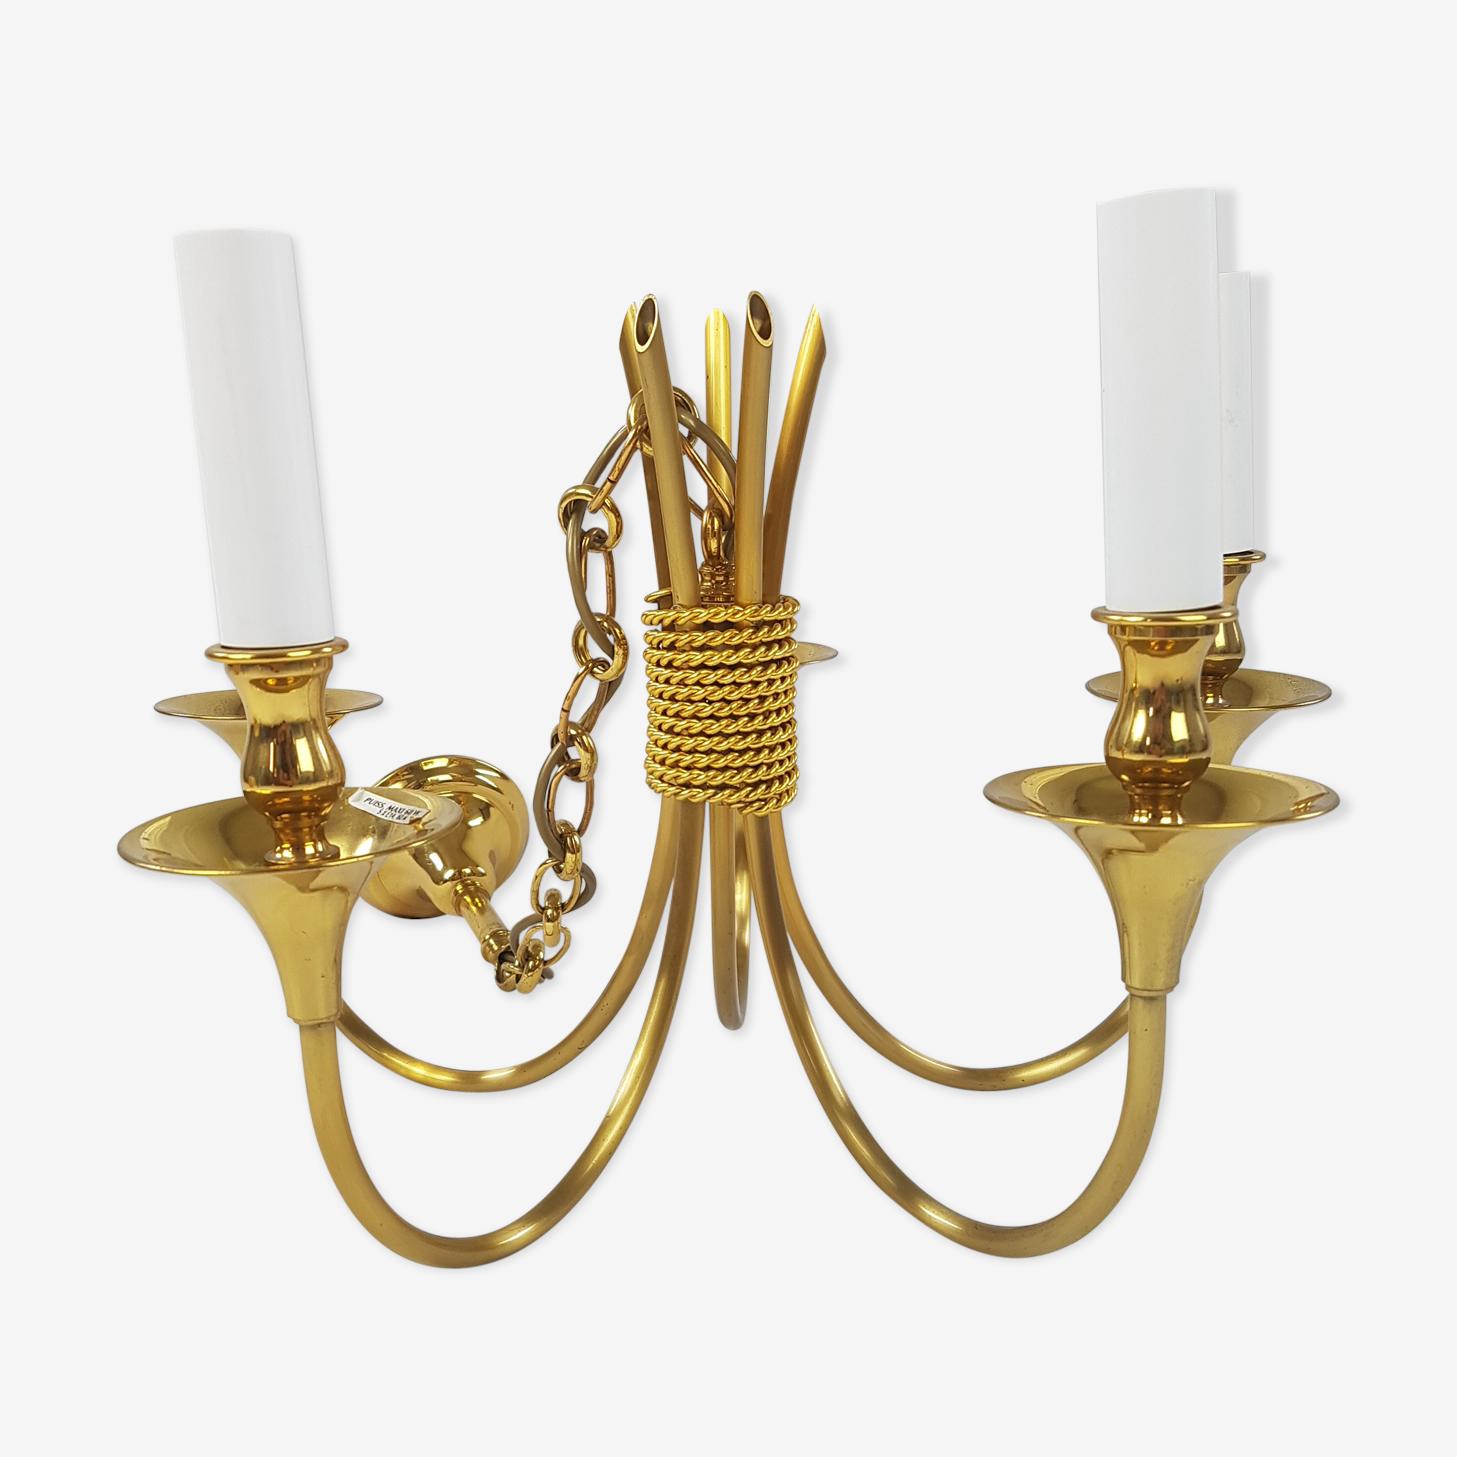 Chandelier five lights classic style Golden brass Maison Lucien Gau Paris 1980